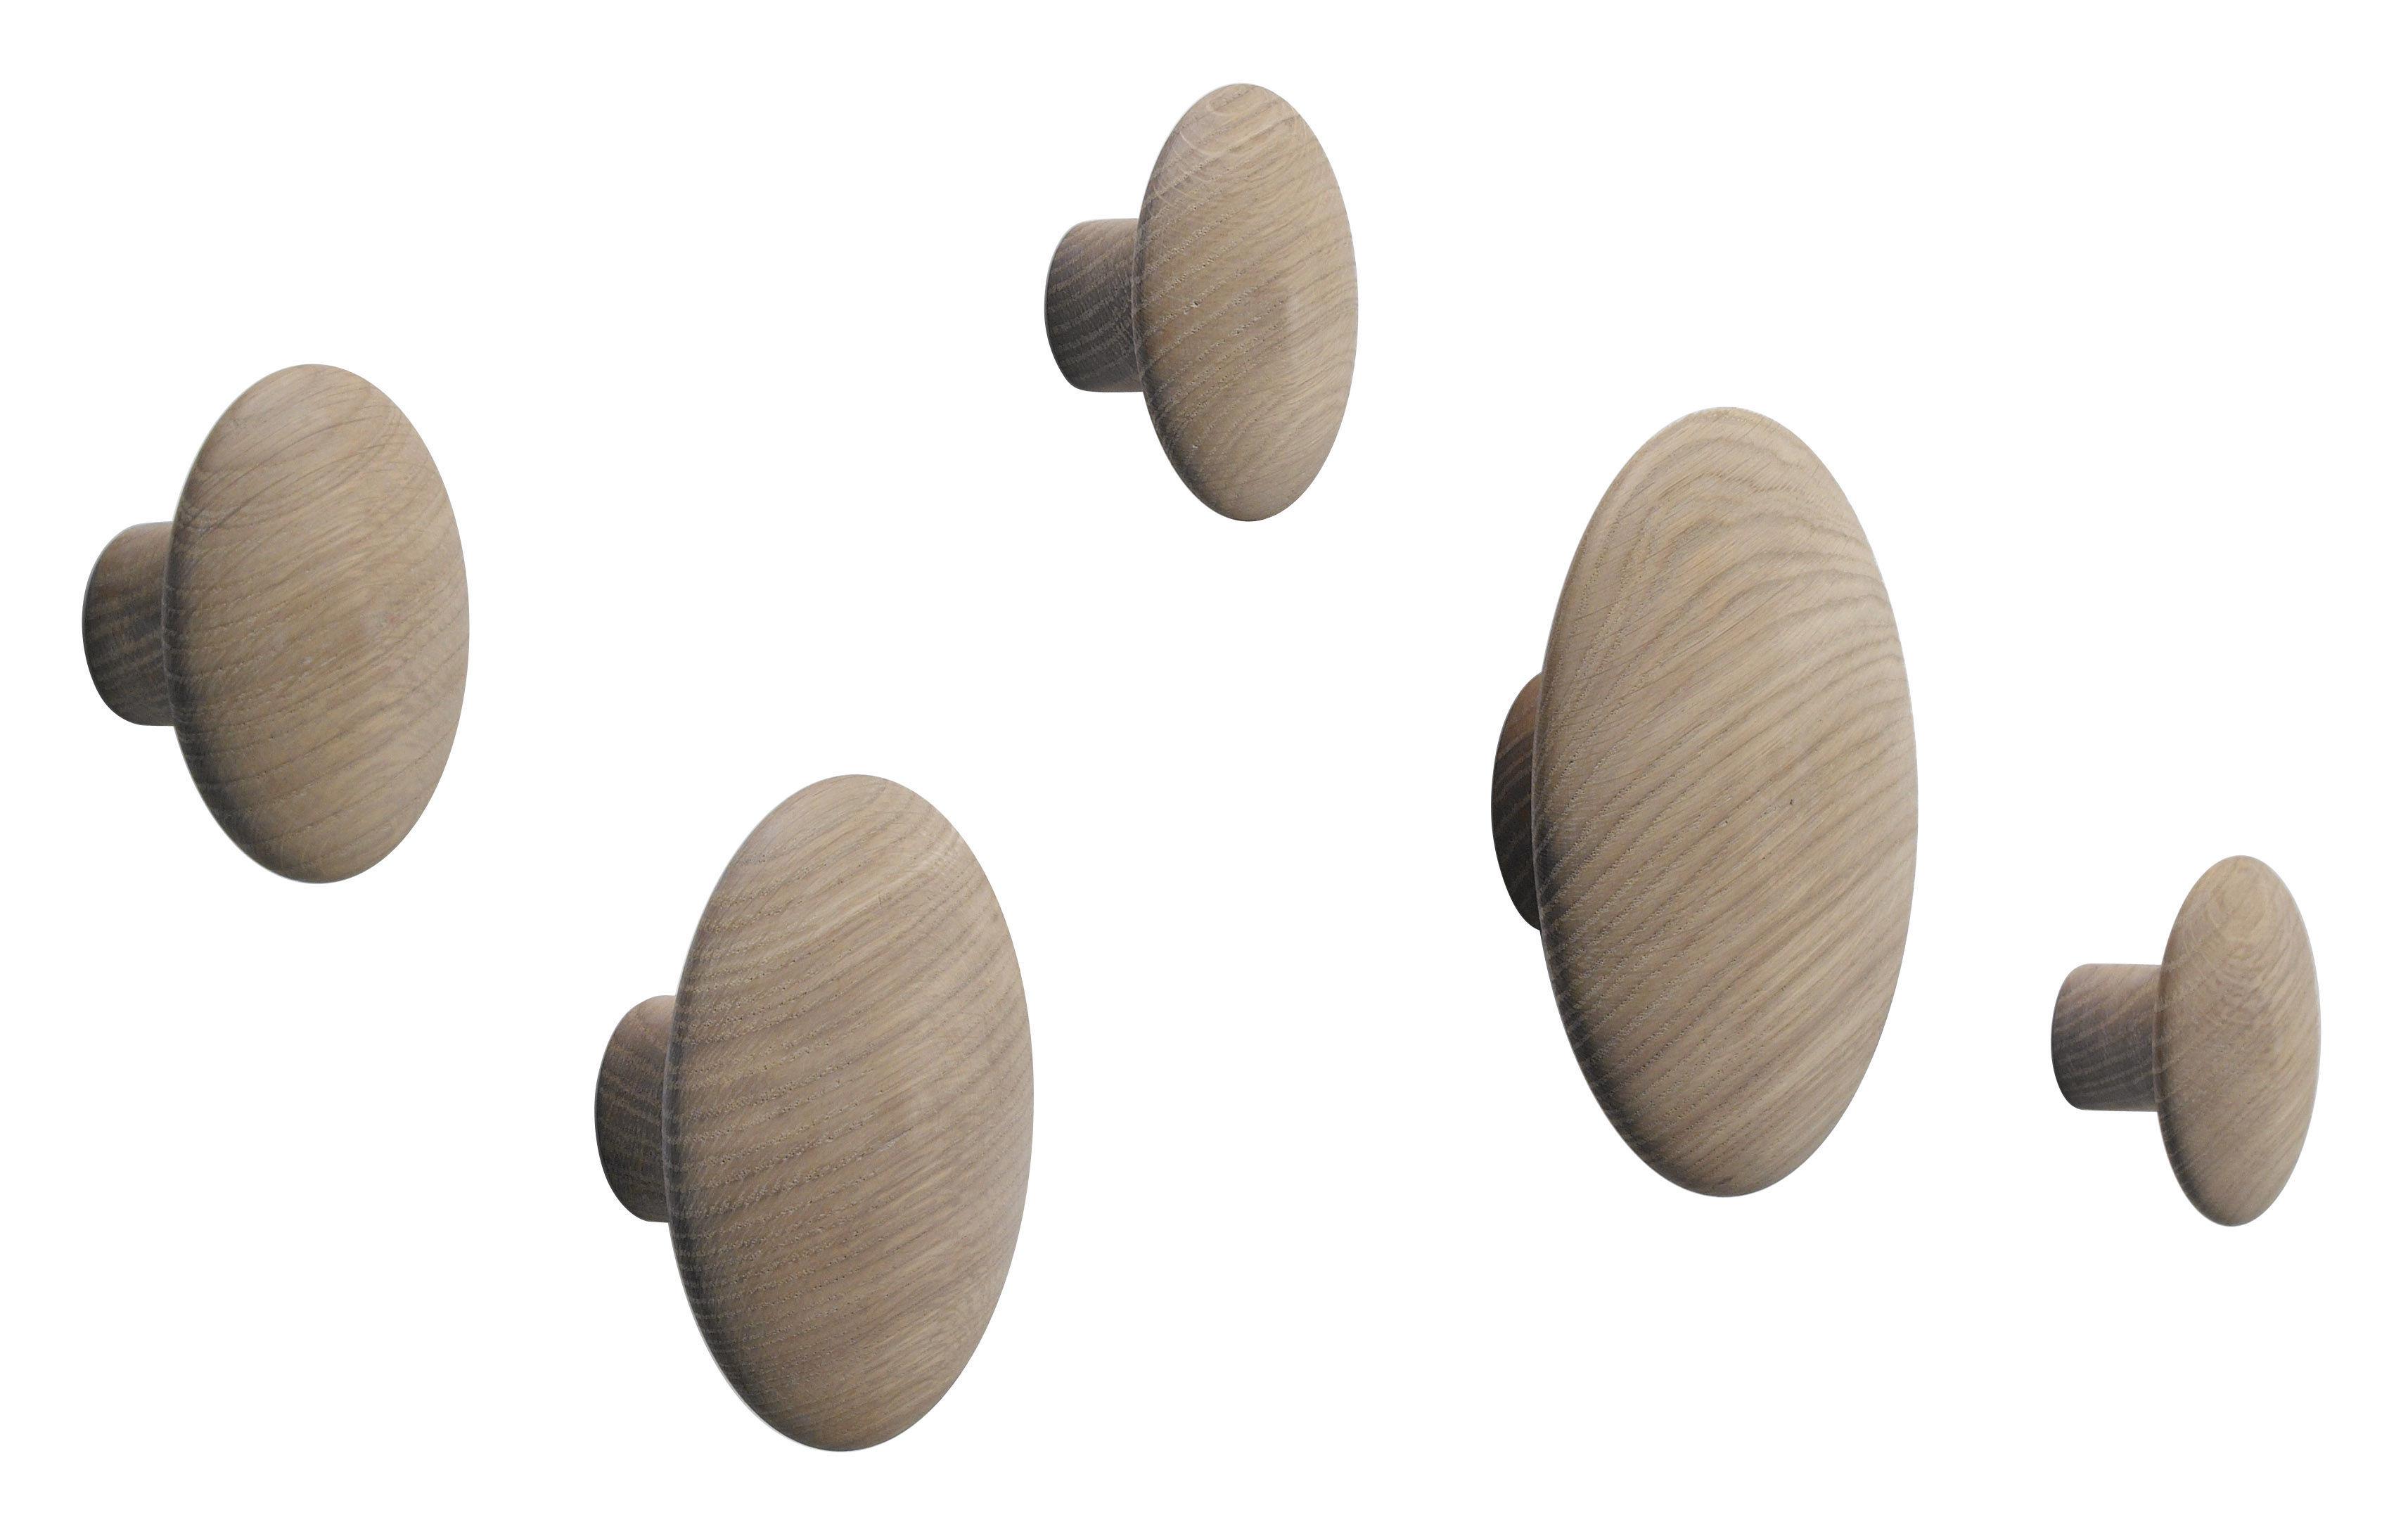 Möbel - Garderoben und Kleiderhaken - The dots Wandhaken Set aus 5 Garderobenhaken - Muuto - Eiche natur - Eiche